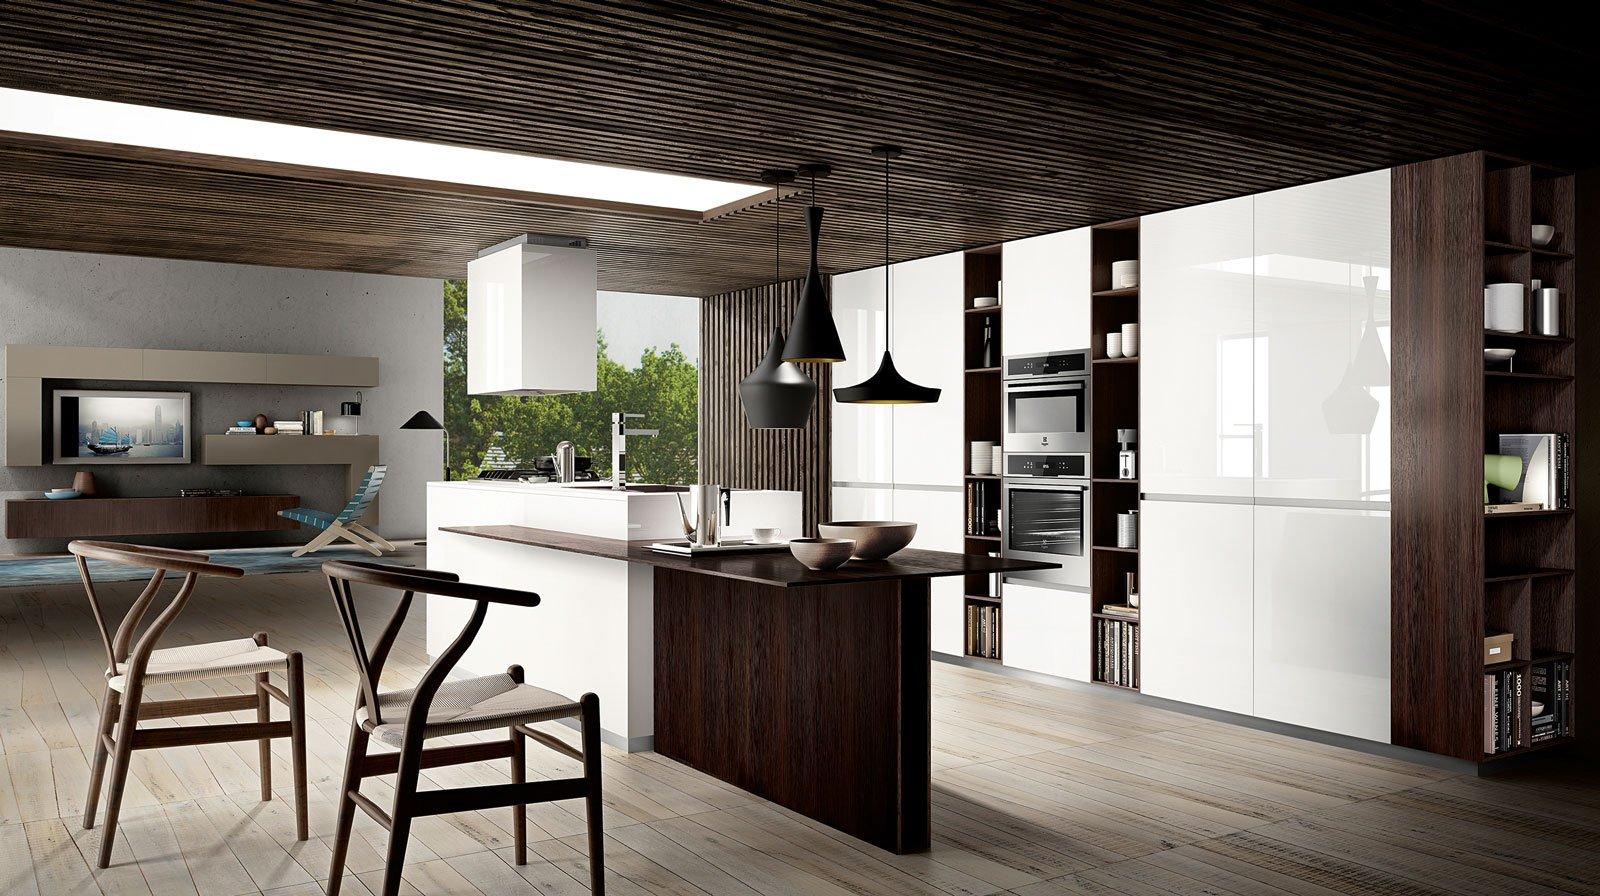 In cucina scelgo laminato o laccato cose di casa - Cucina moderna immagini ...